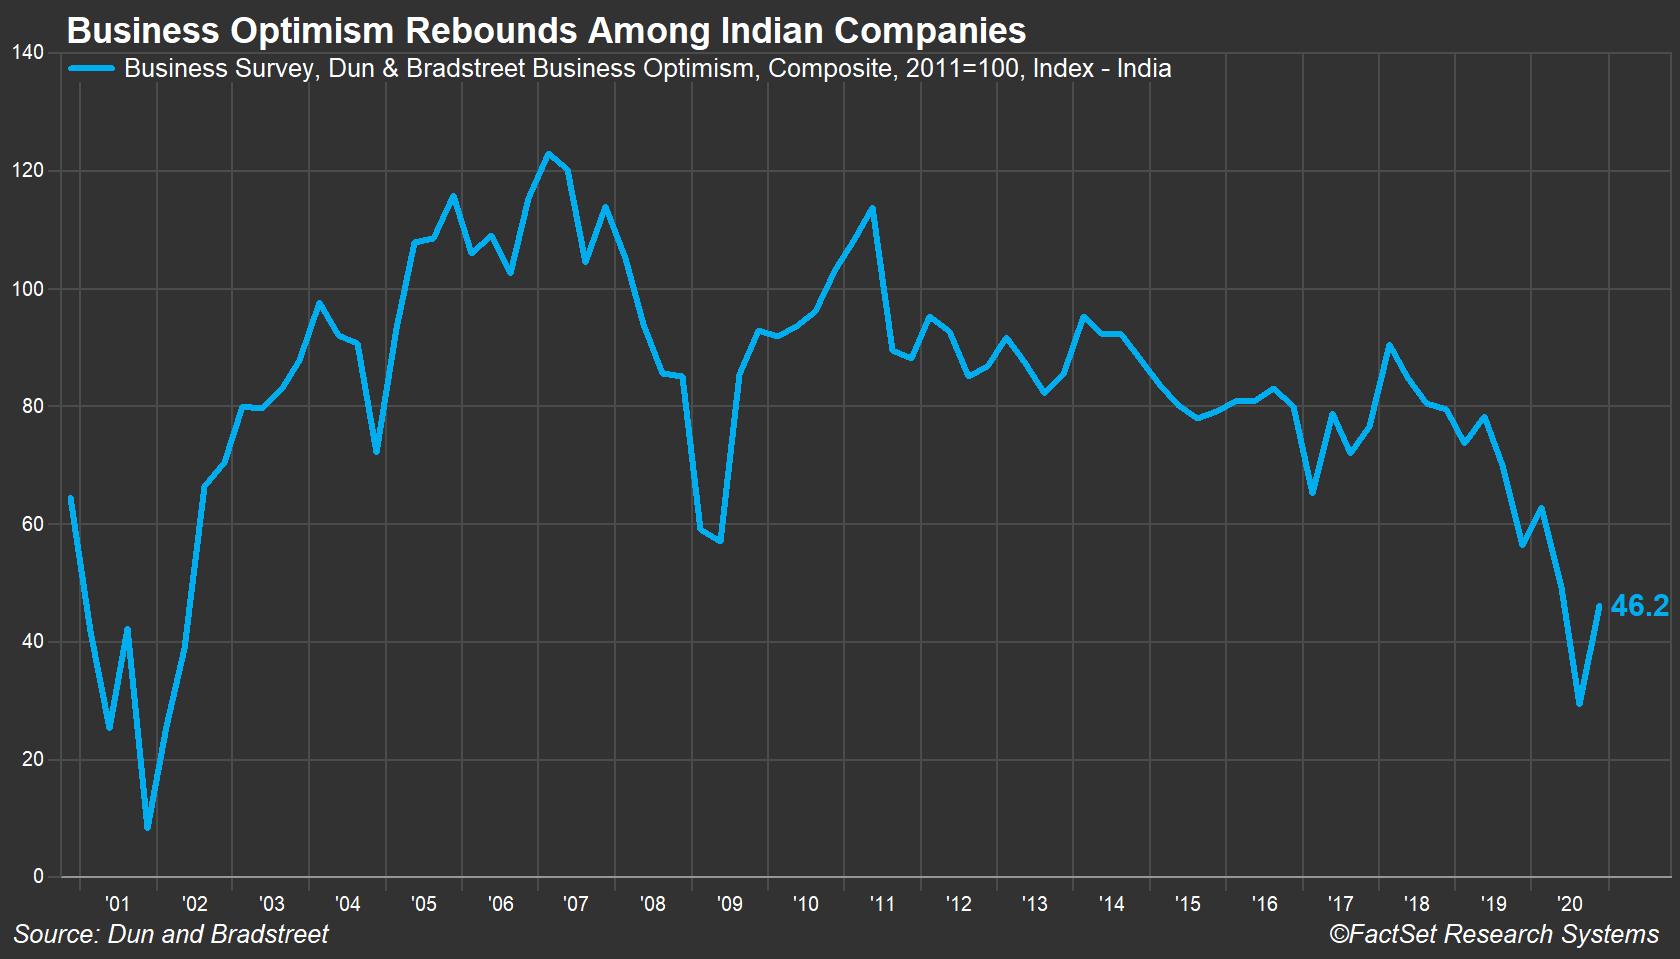 India Business Optimism